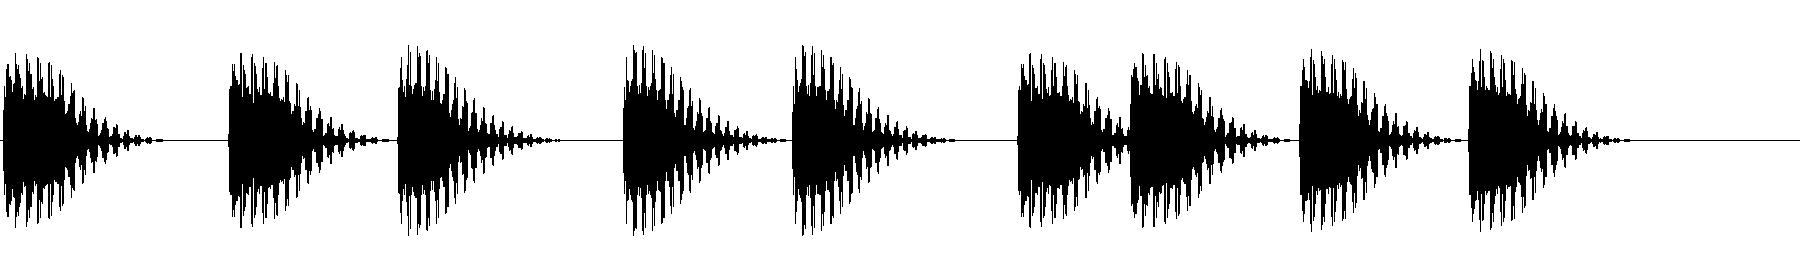 fl 121bpm bass 01